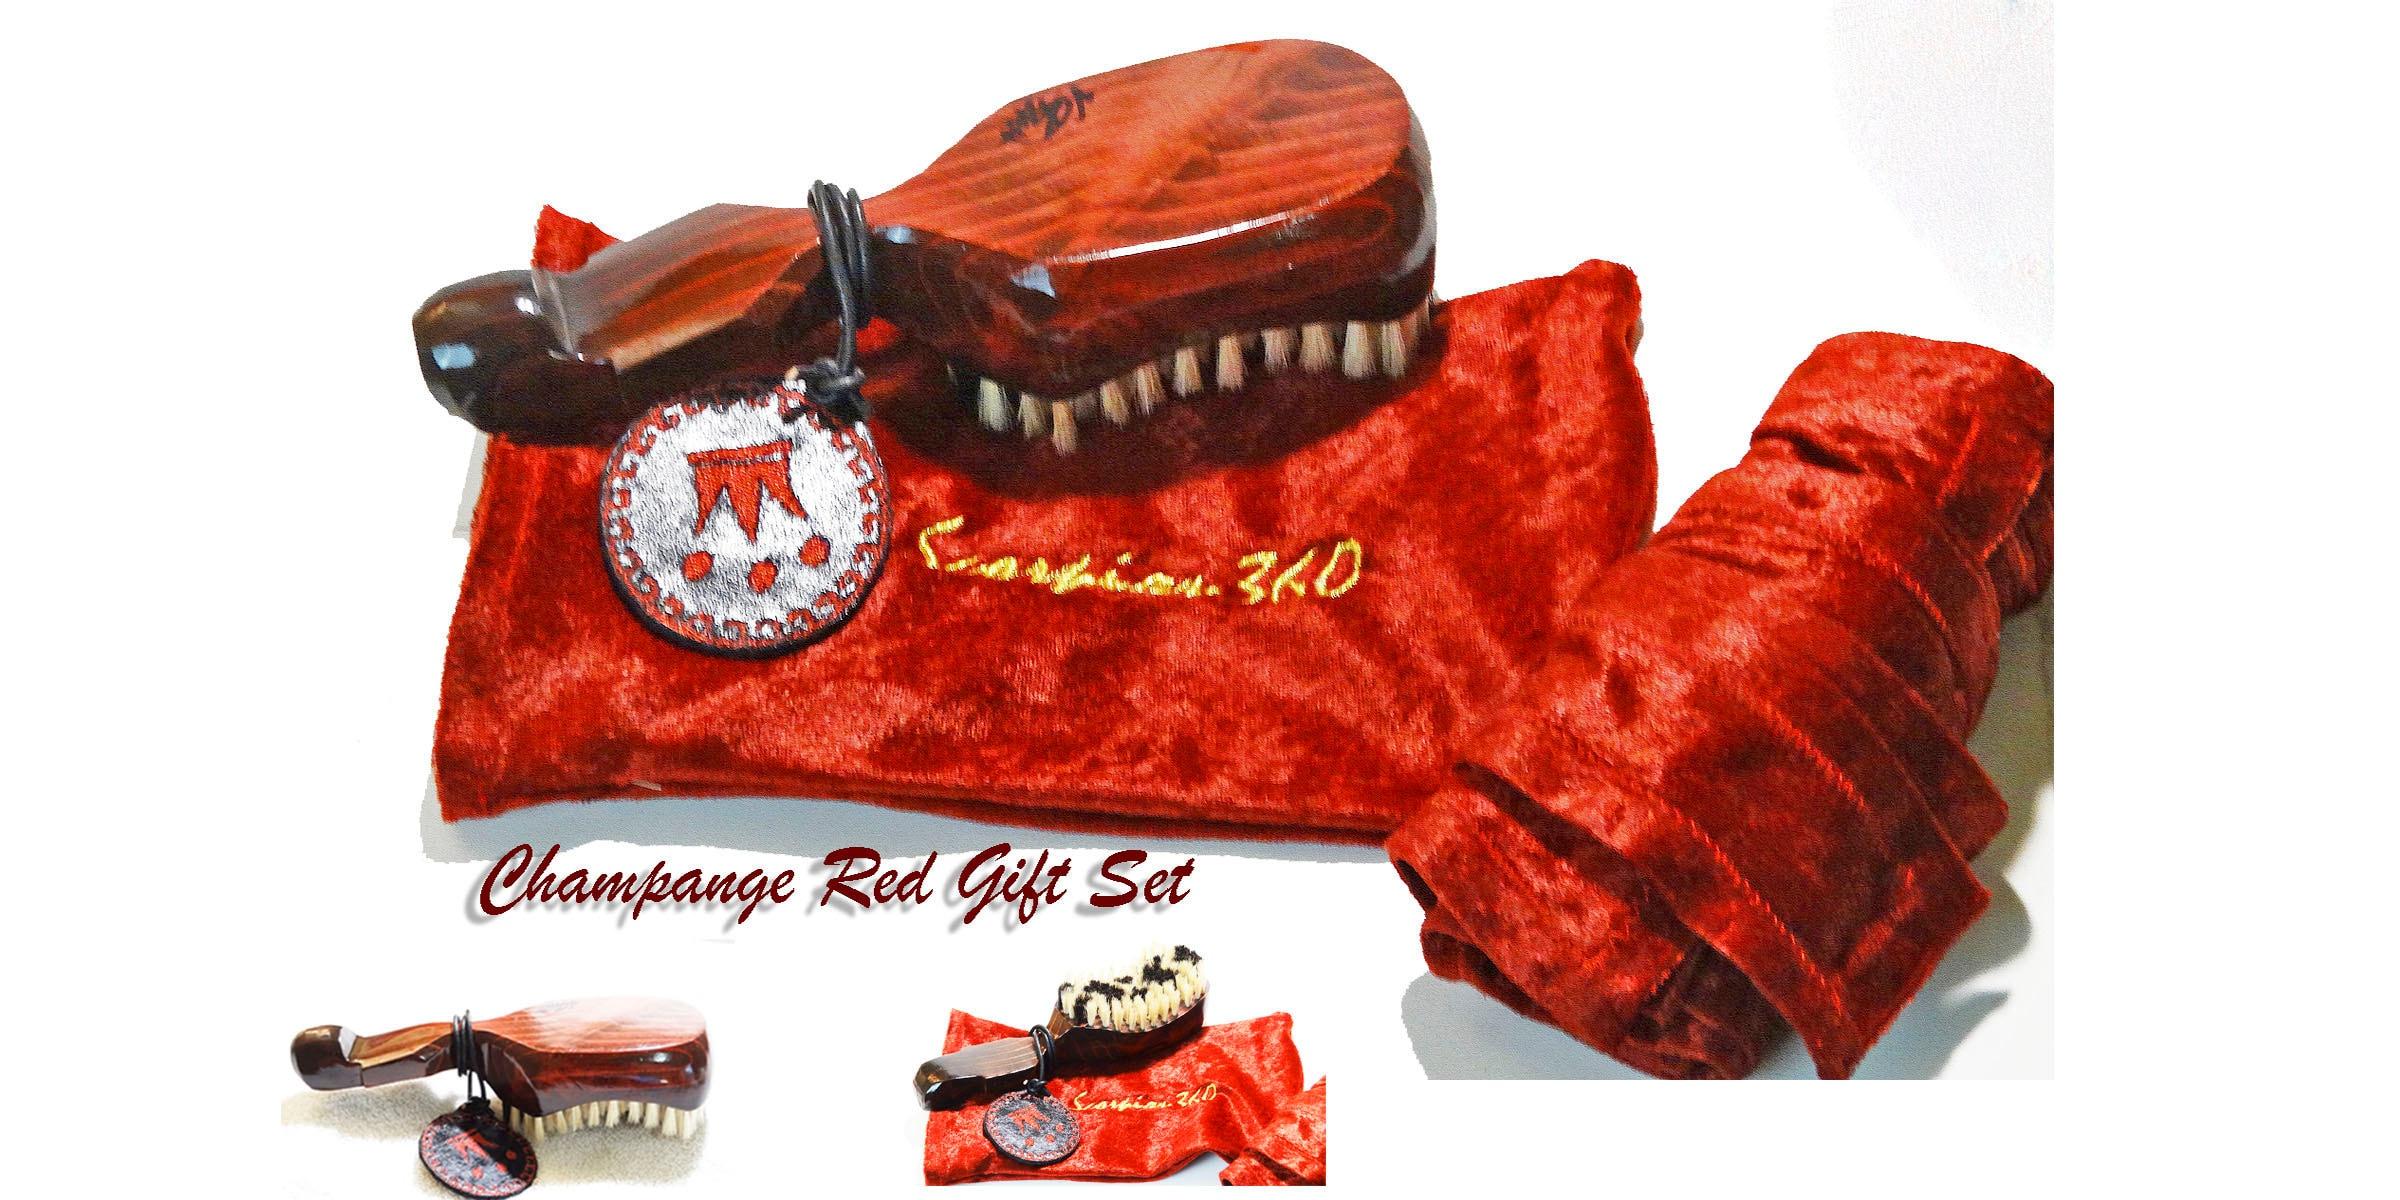 Champagne Red 10 Row Tight Hard-Medium Gift Set Kit, King Scorpion 360 Wave Brush, Velvet Du-Rag & New Scorpion 360 Brush Pouch